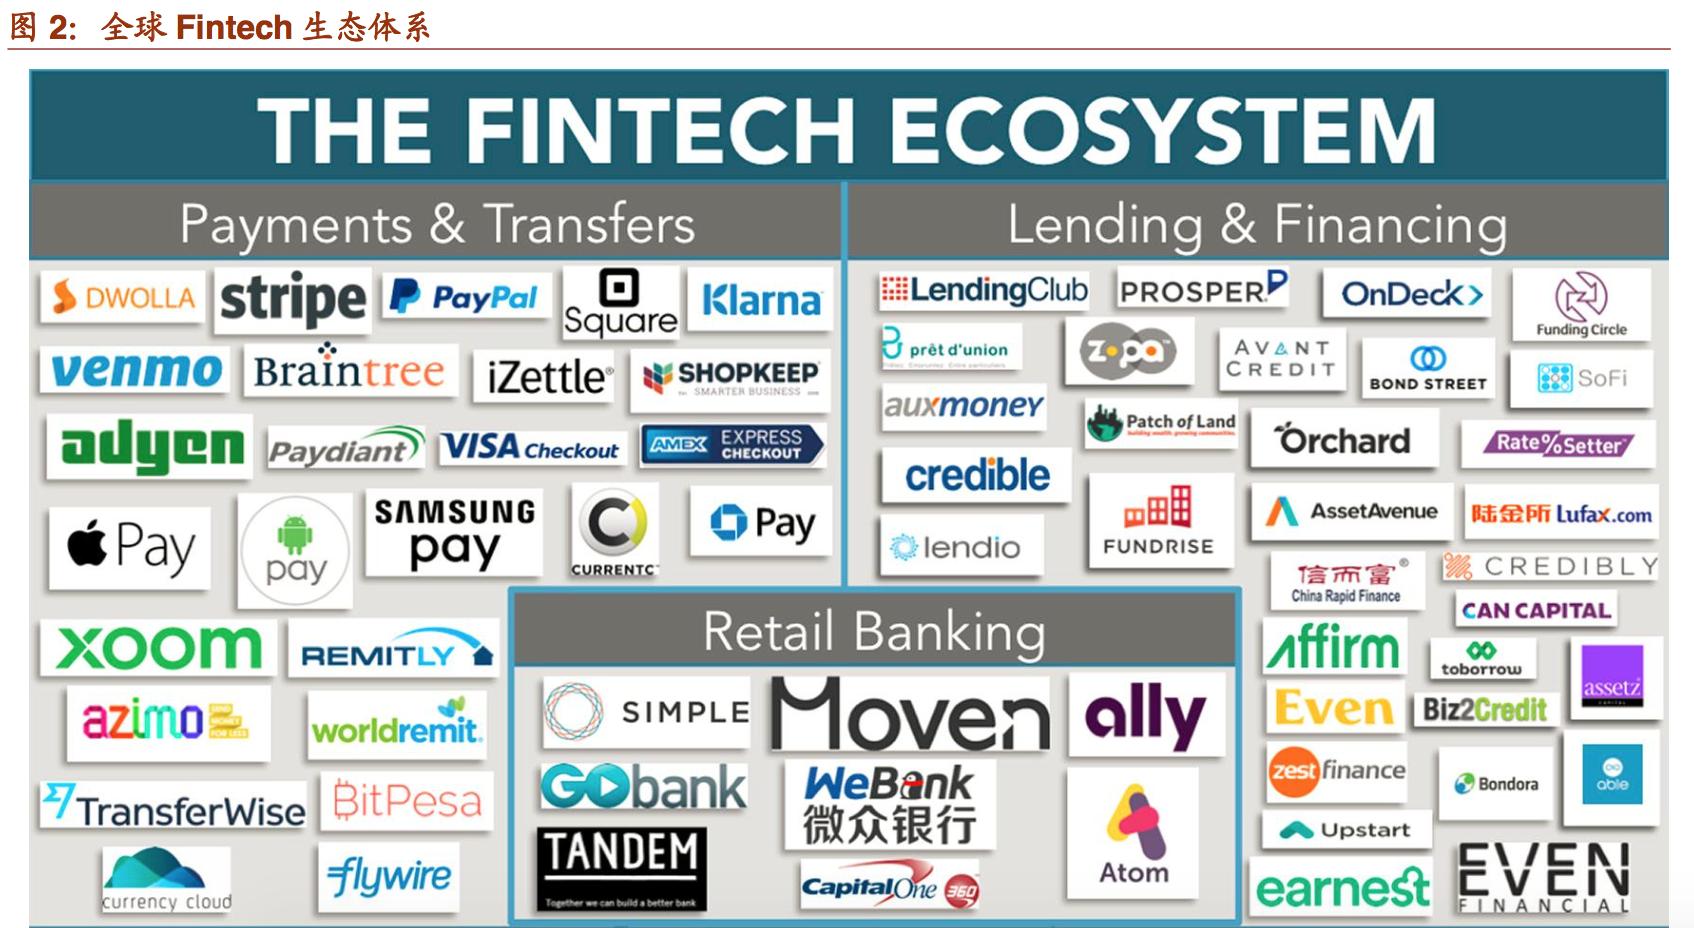 全解析: Fintech金融科技是什么?